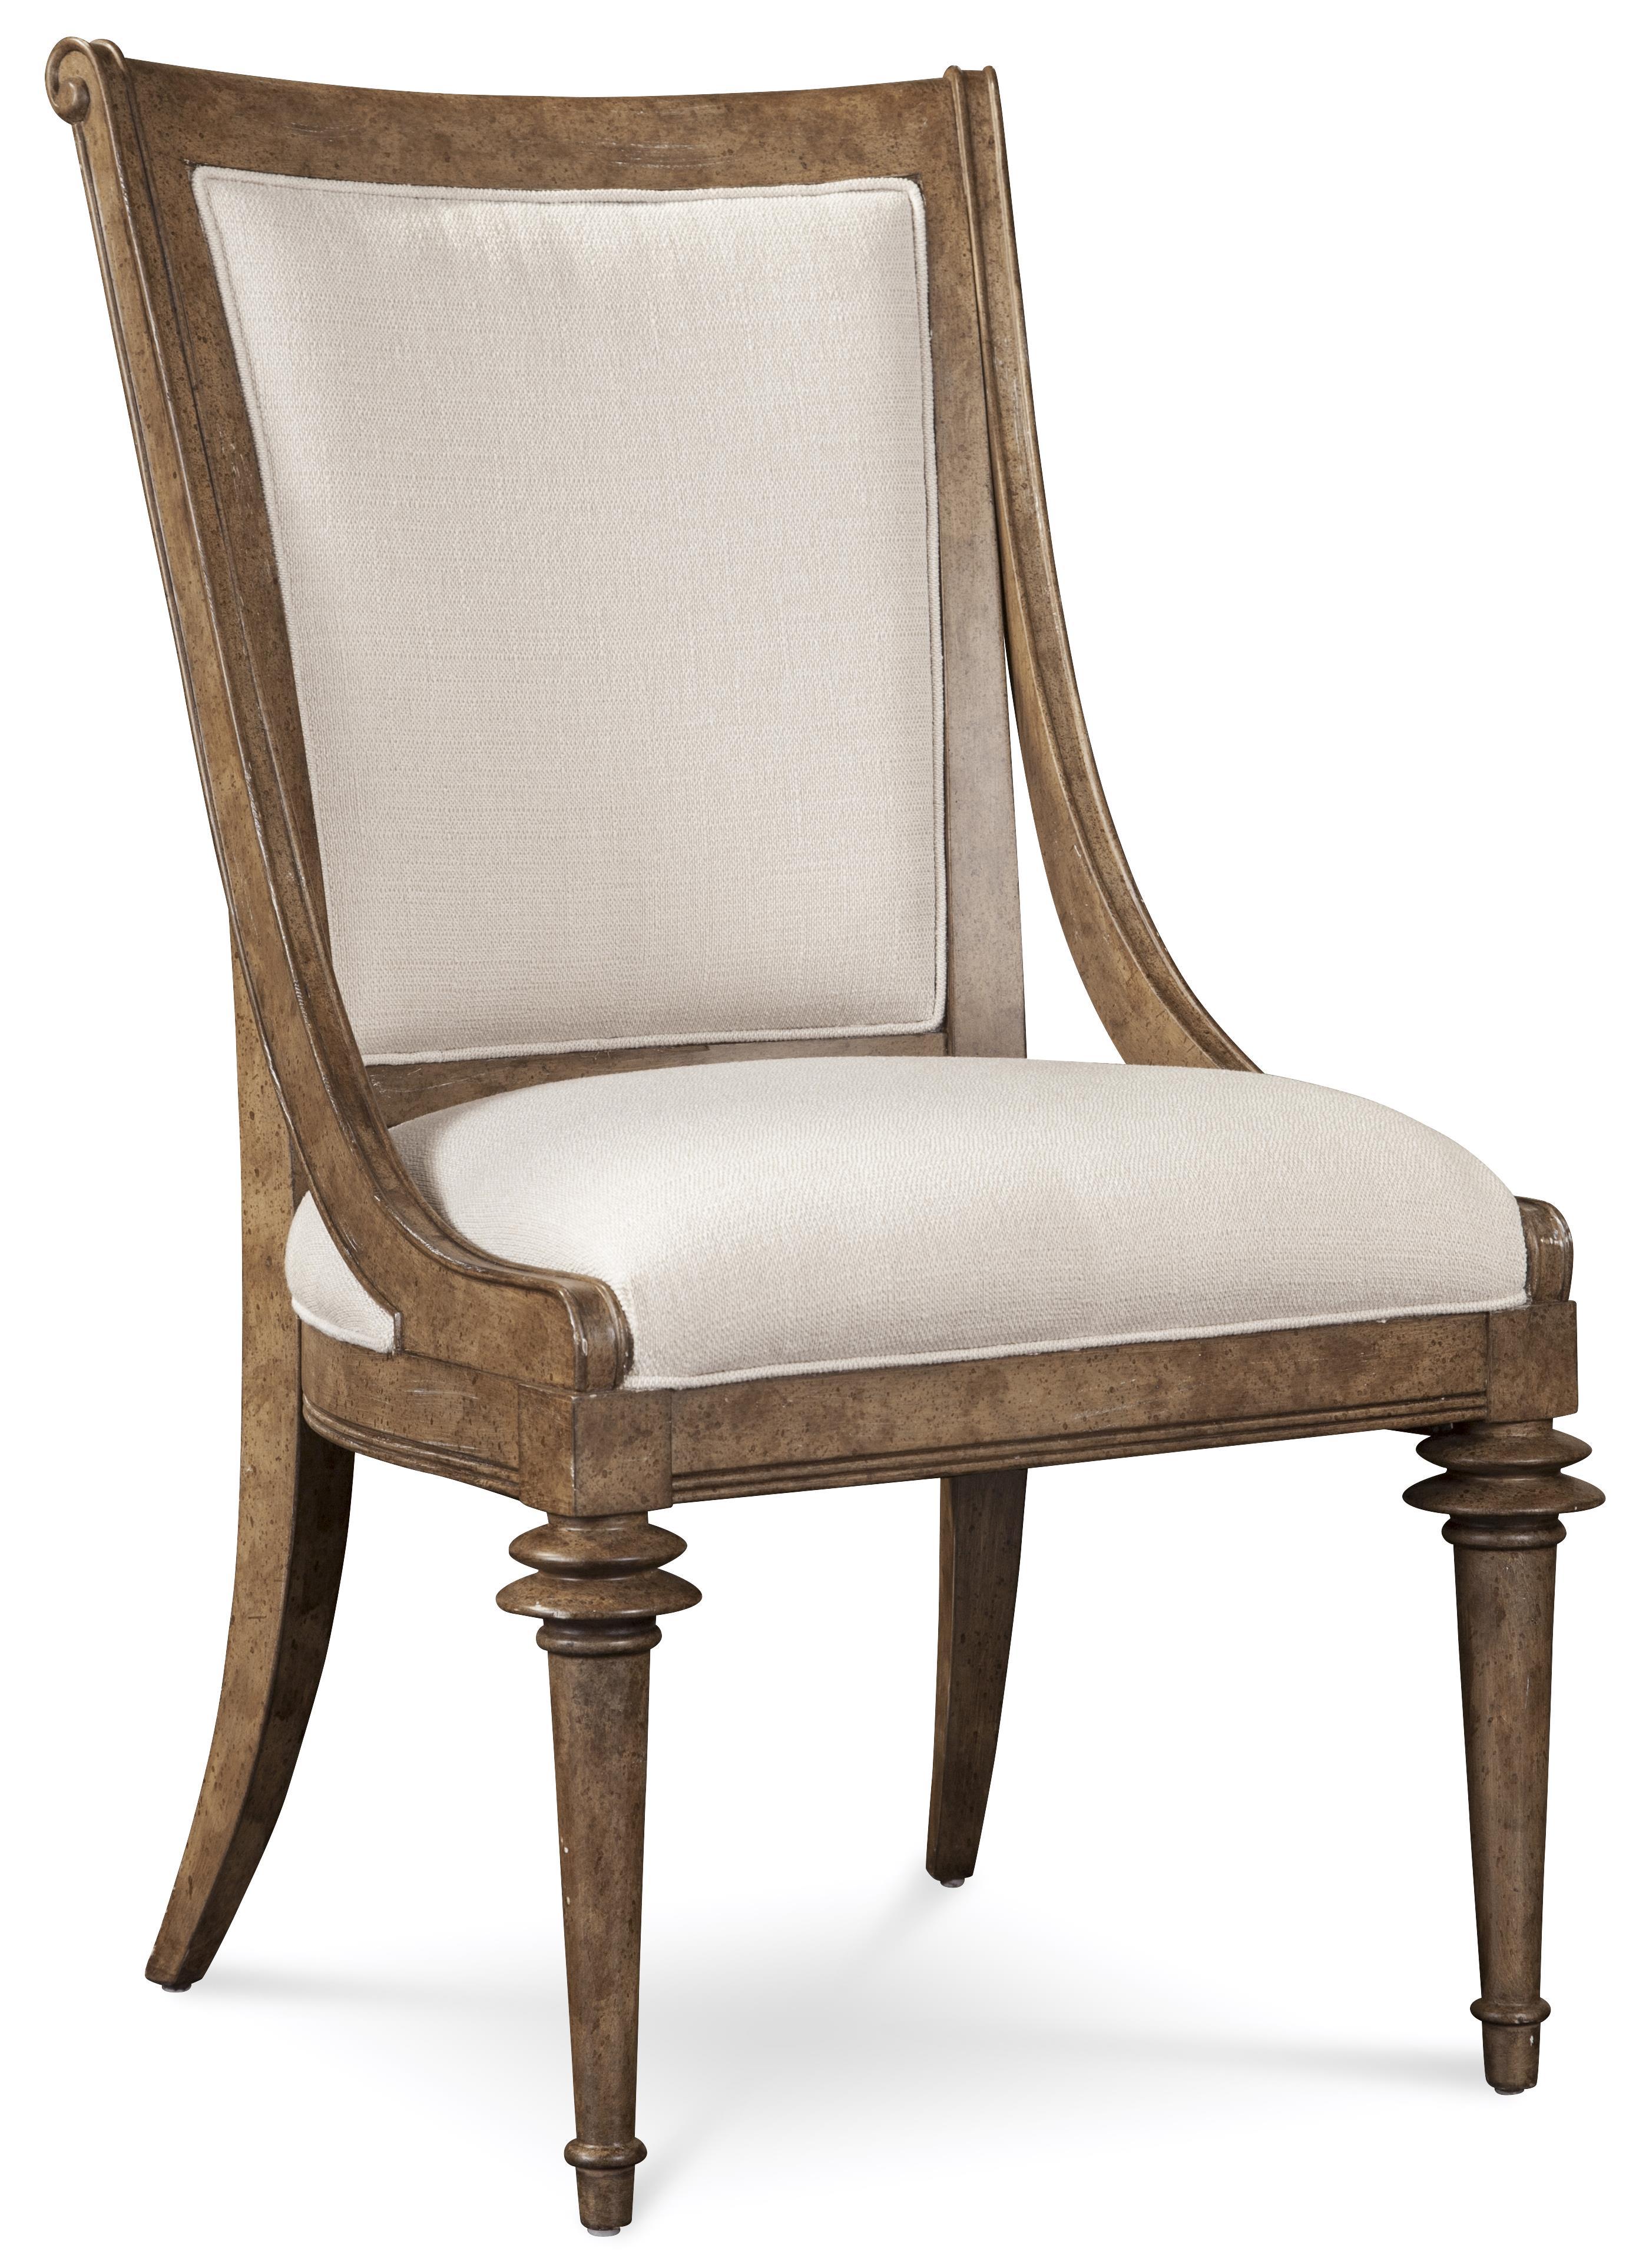 A.R.T. Furniture Inc Pavilion Upholstered Back Sling Chair - Item Number: 229201-2608